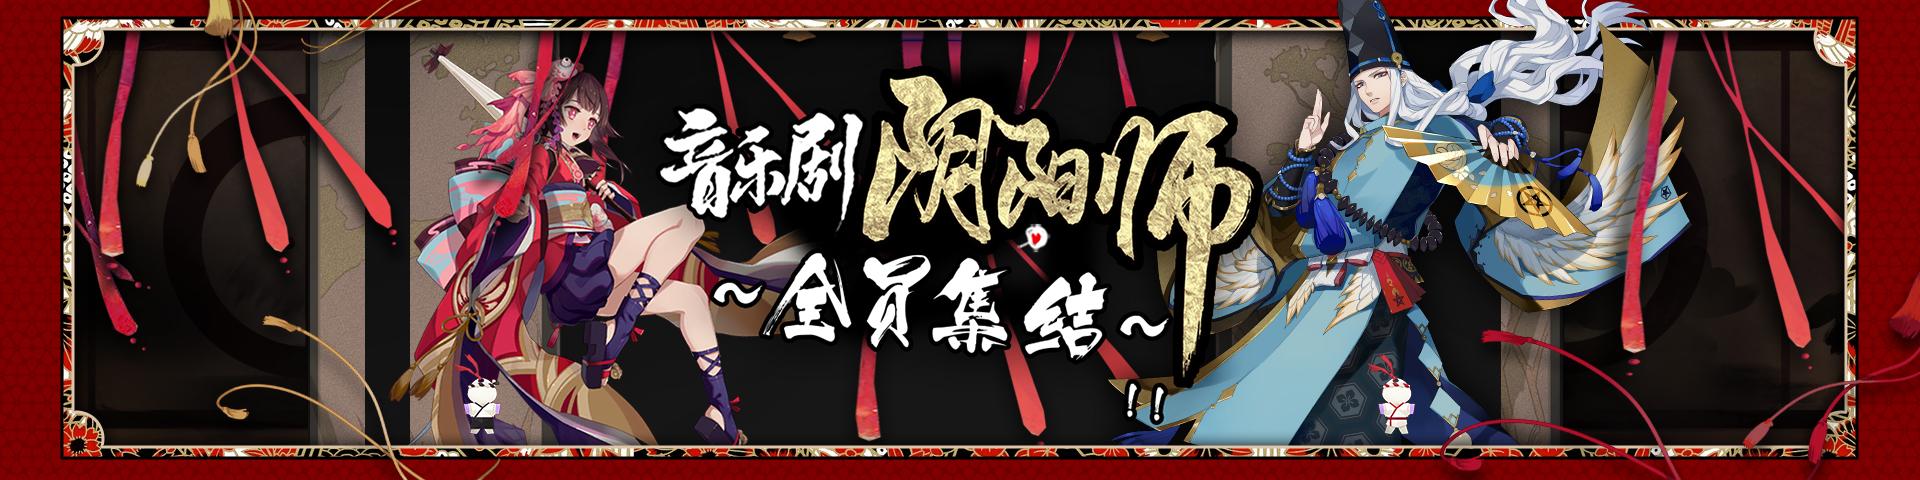 众妖降临 音乐剧《阴阳师》~平安绘卷~最终回定妆照公布